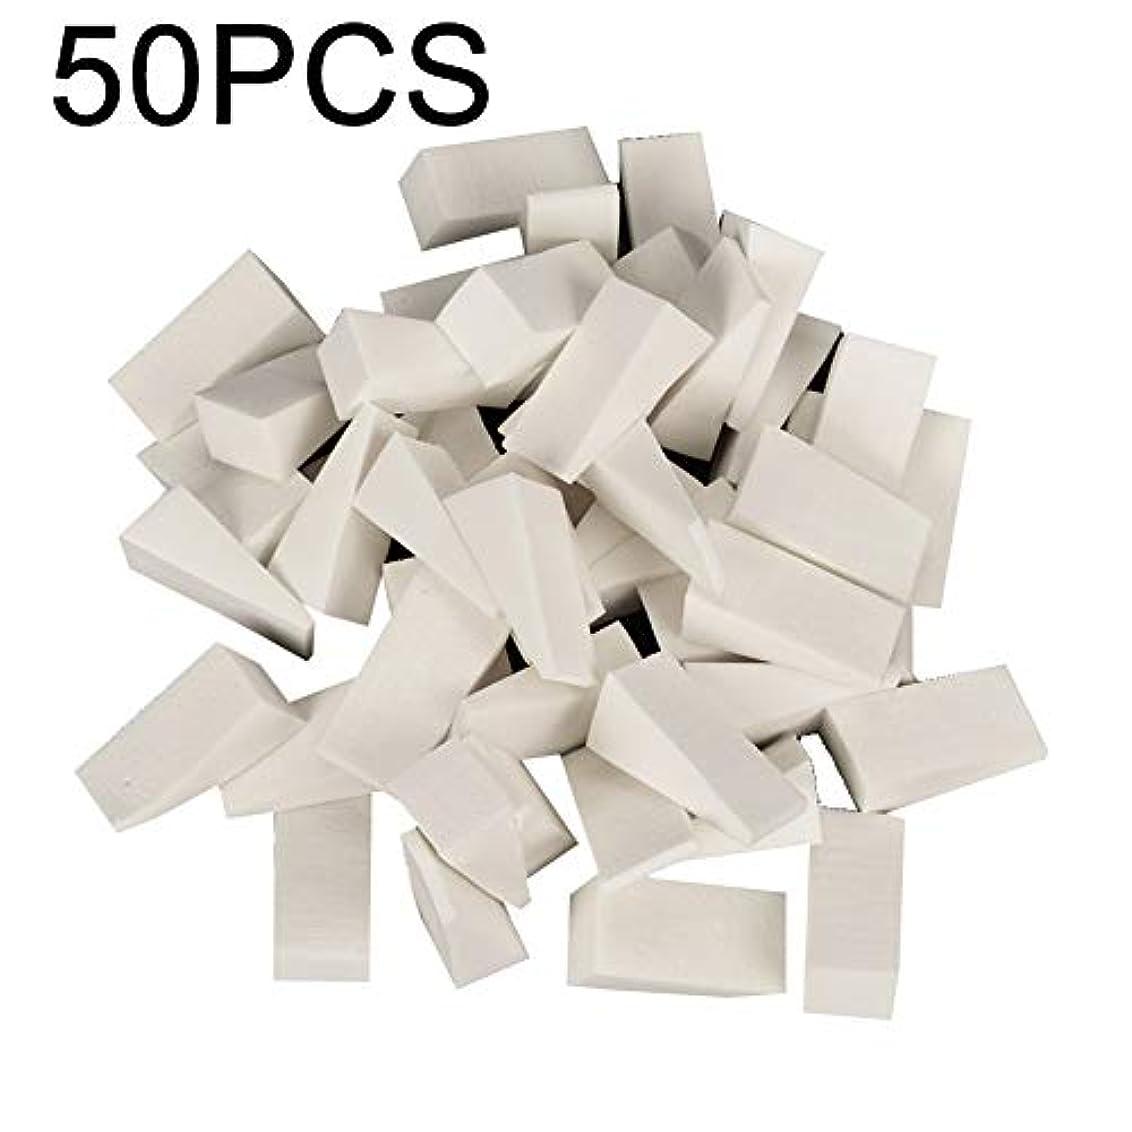 社員任意継続中hamulekfae-50個使い捨てソフトスポンジネイルスタンパーグラデーションカラーリングマニキュアツールシール